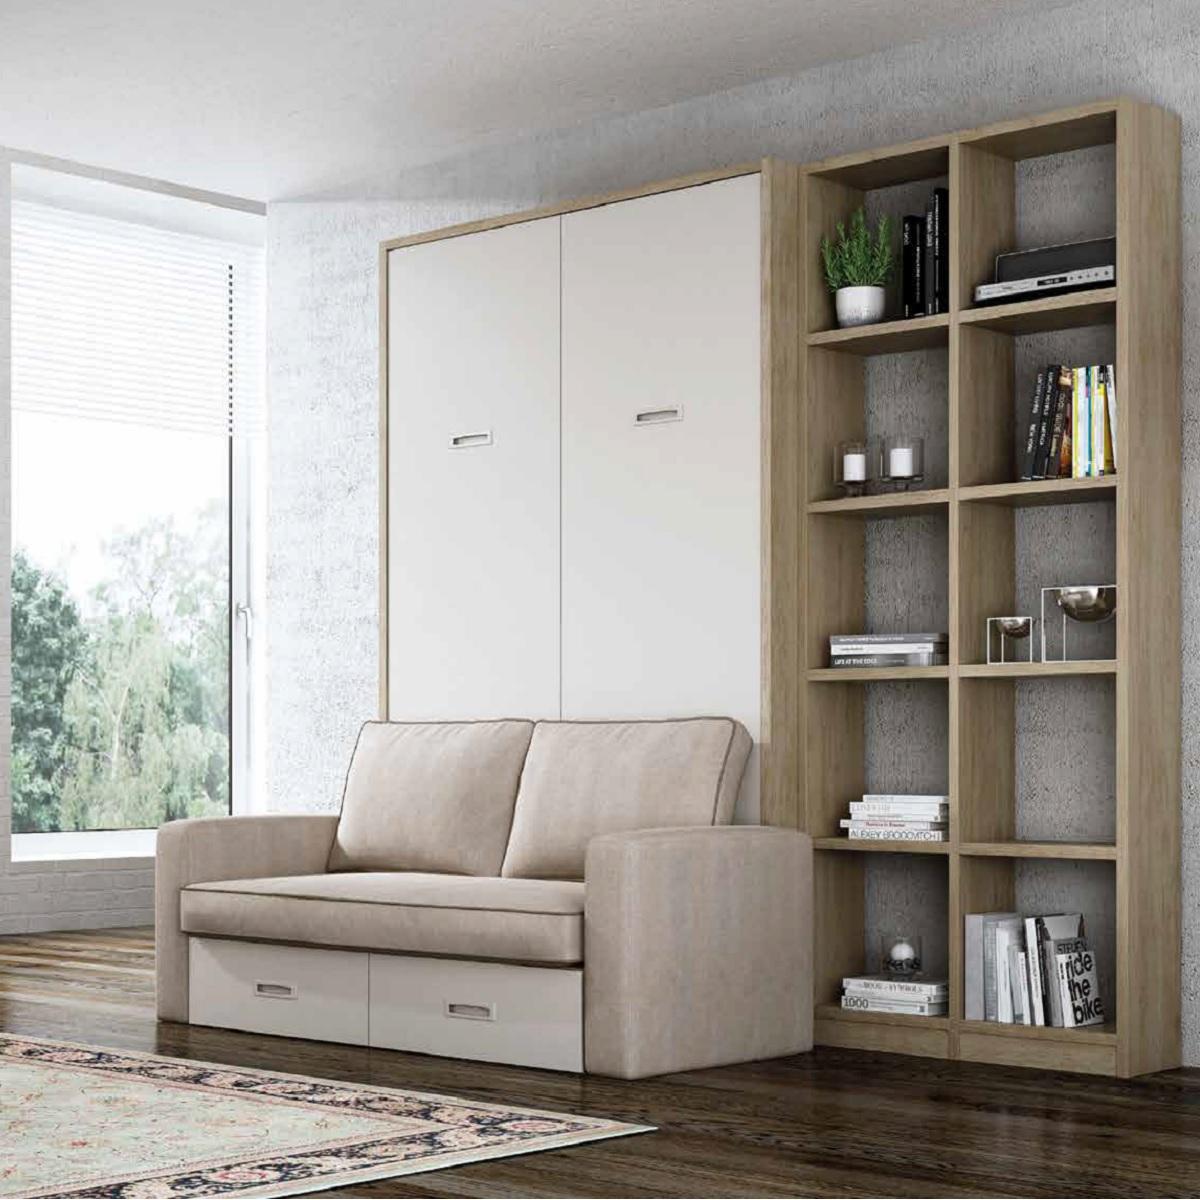 Cama abatible con sofa de Noel Madrid.